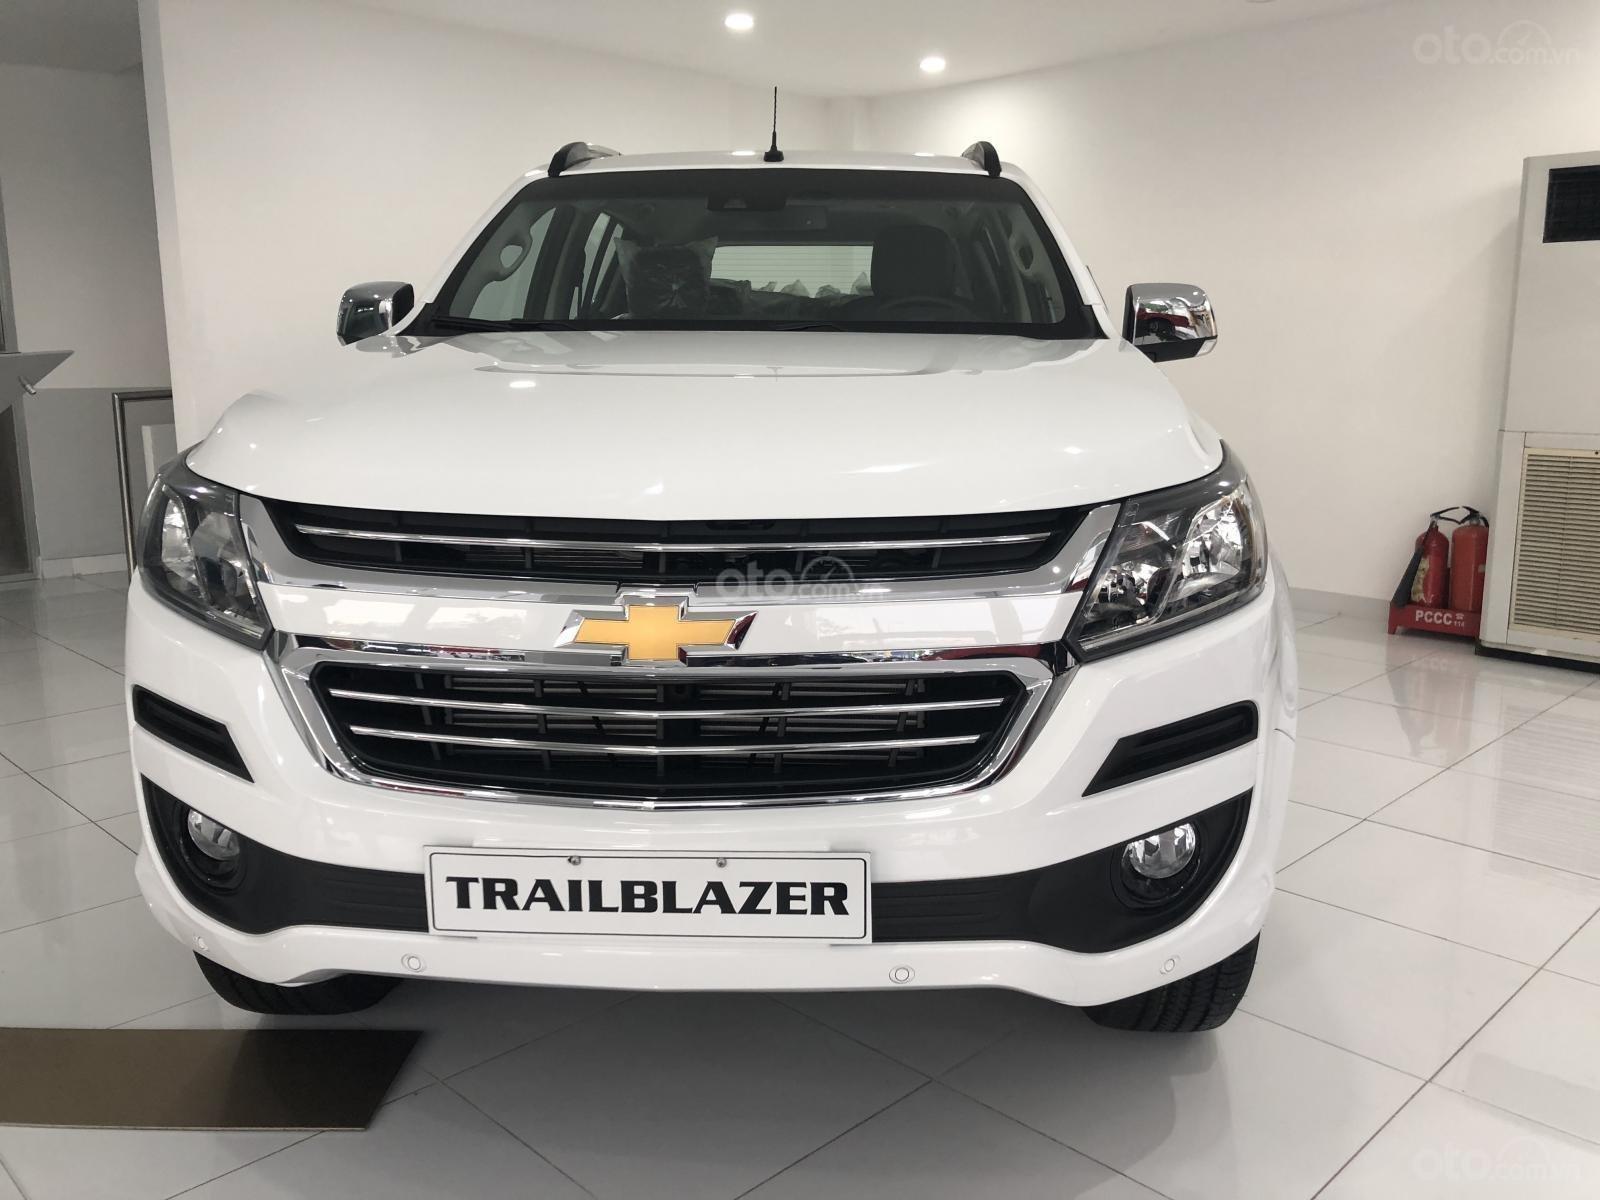 Hỗ trợ vay ngân hàng lãi suất thấp khi mua xe Chevrolet Trailblazer năm 2019, màu trắng, nhập khẩu (1)